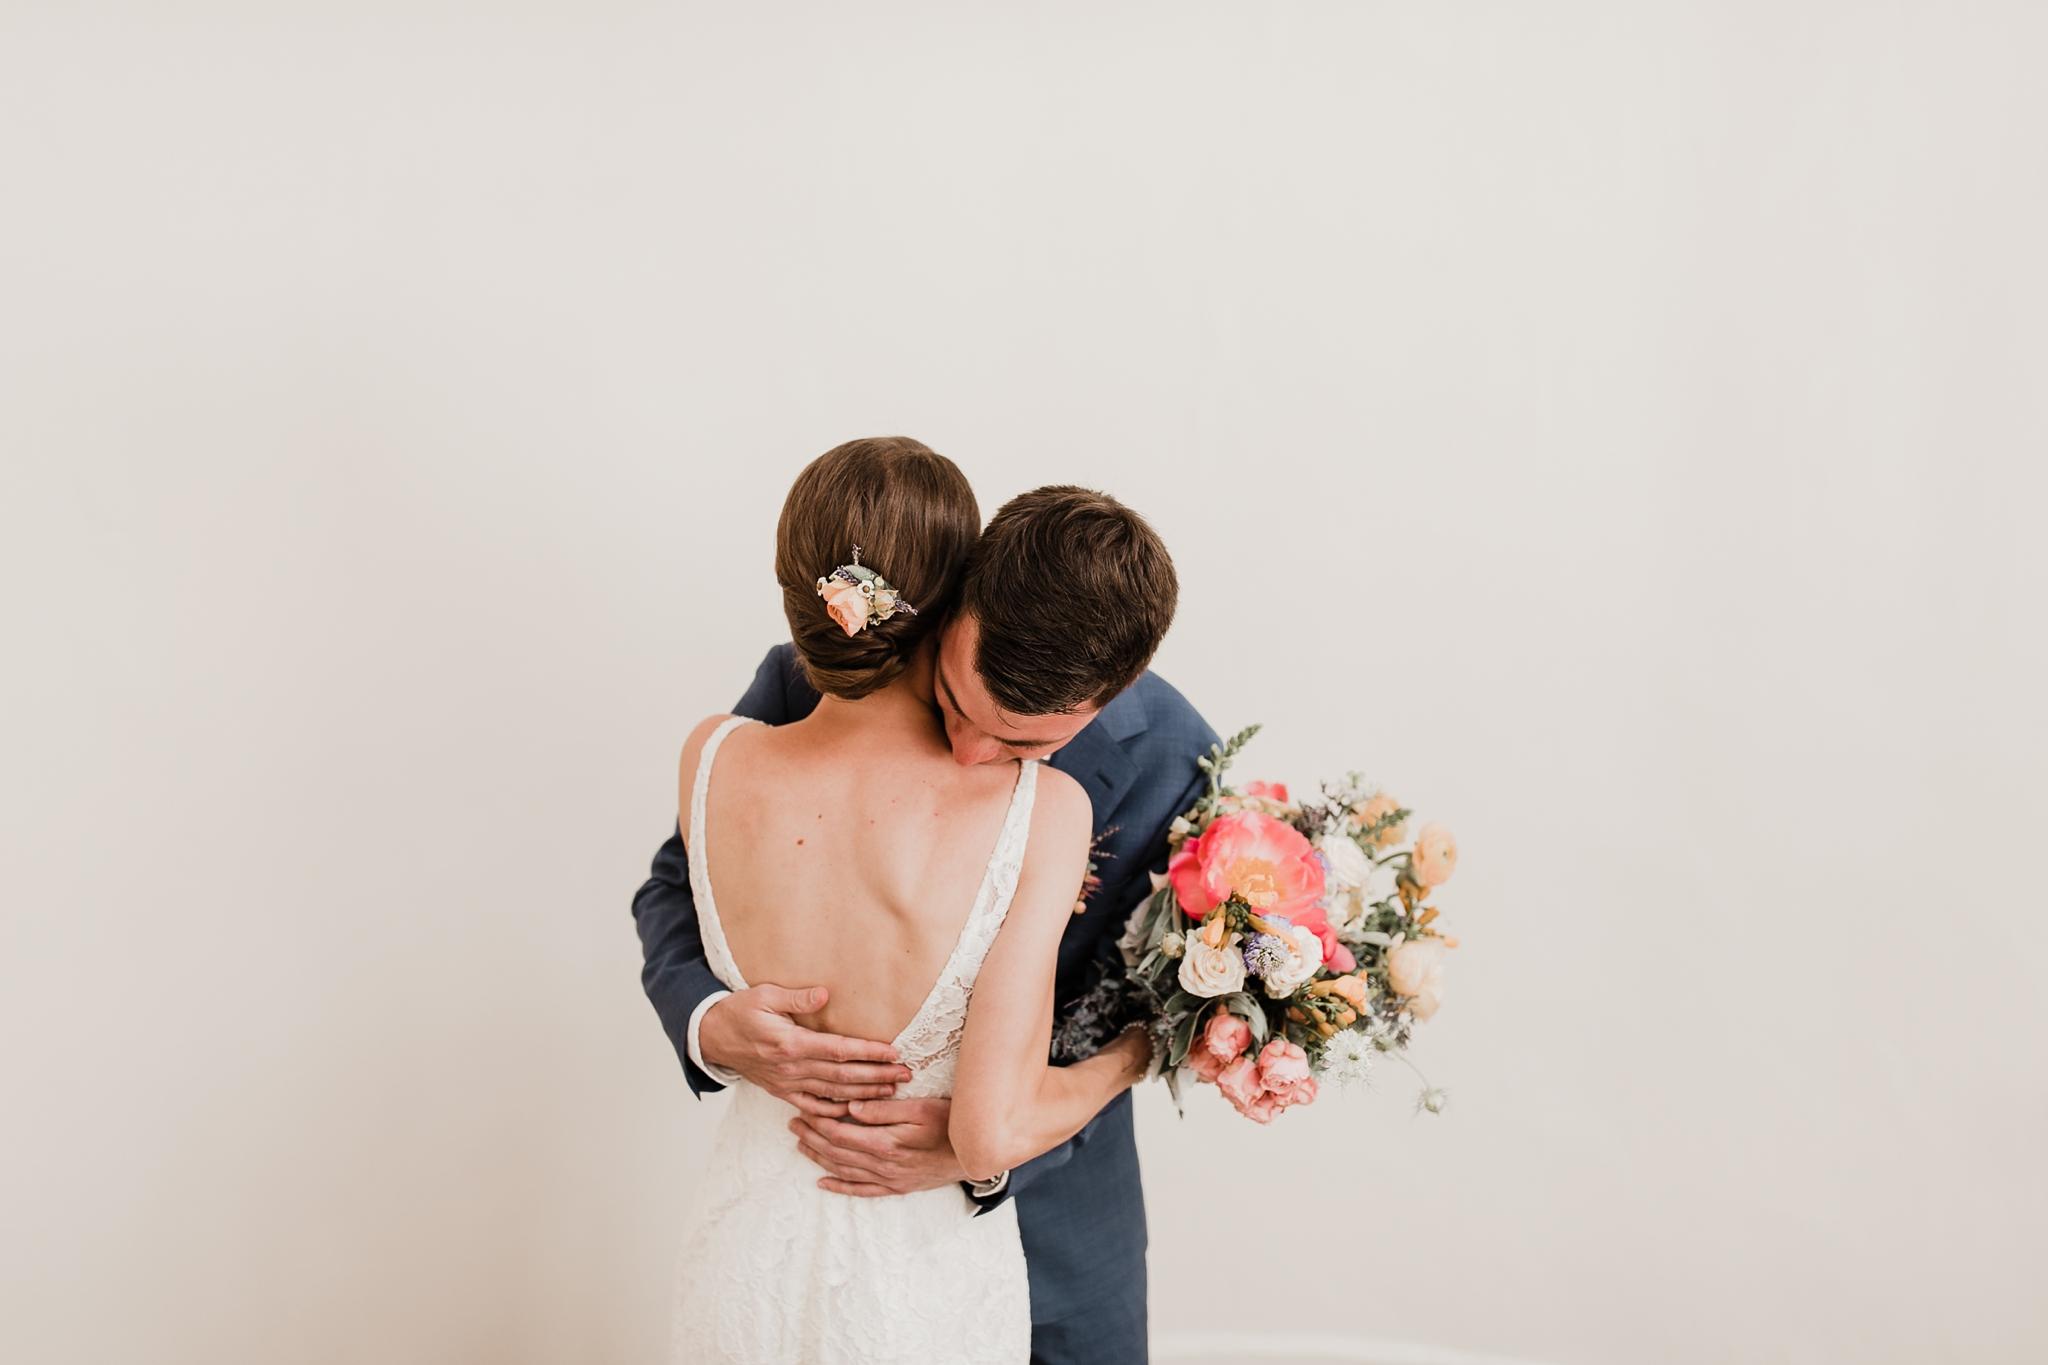 Alicia+lucia+photography+-+albuquerque+wedding+photographer+-+santa+fe+wedding+photography+-+new+mexico+wedding+photographer+-+new+mexico+wedding+-+summer+wedding+-+summer+wedding+florals+-+southwest+wedding_0052.jpg